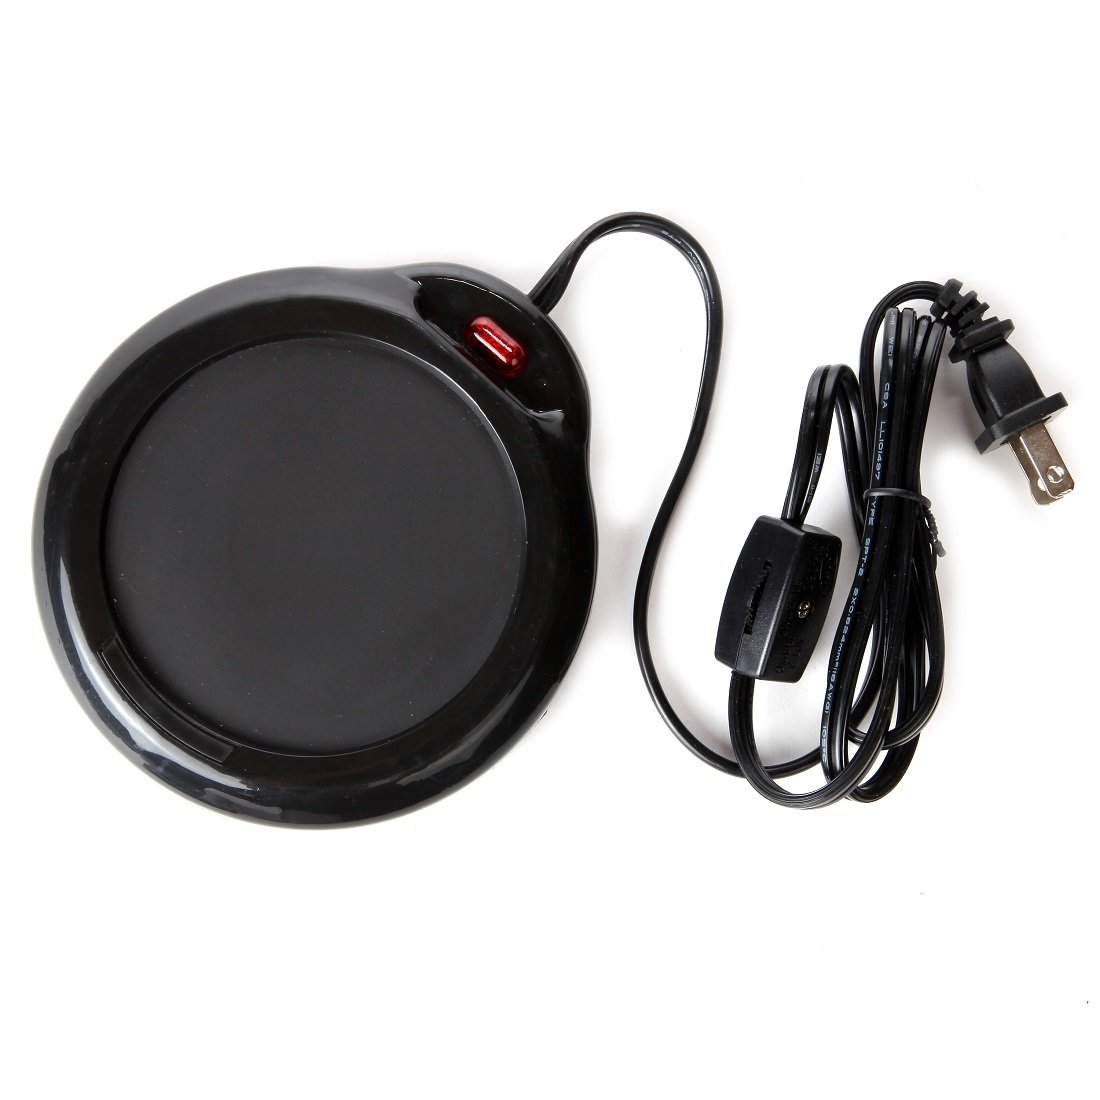 Home-X Mug Warmer, Desktop Heated Coffee & Tea - Candle & Wax Warmer (Black)